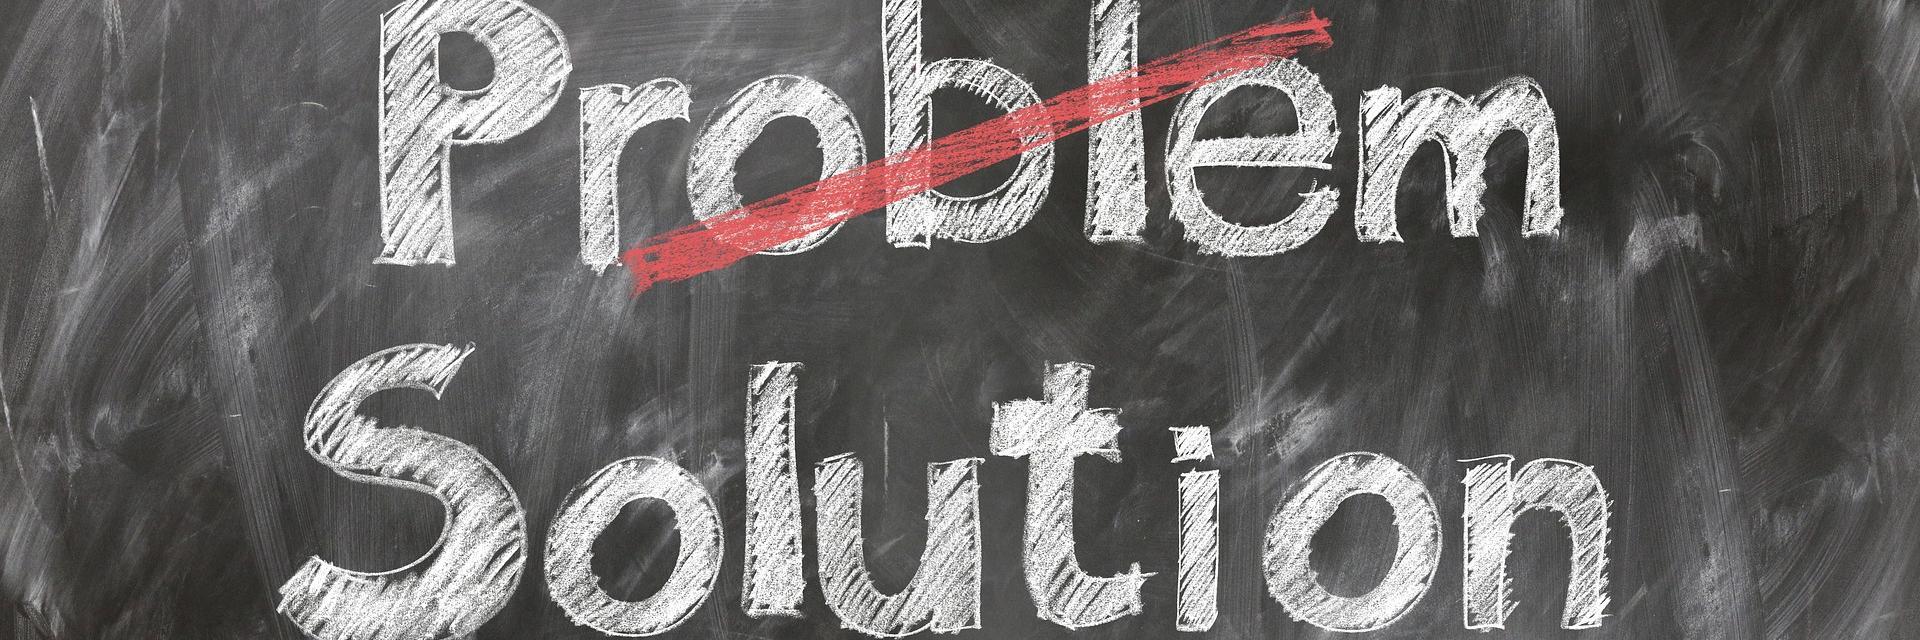 """Liitutaululle kirjoittetu sana """"Problem"""" joka on yliviivattu ja sen alle kirjoitettu """"Solution""""."""